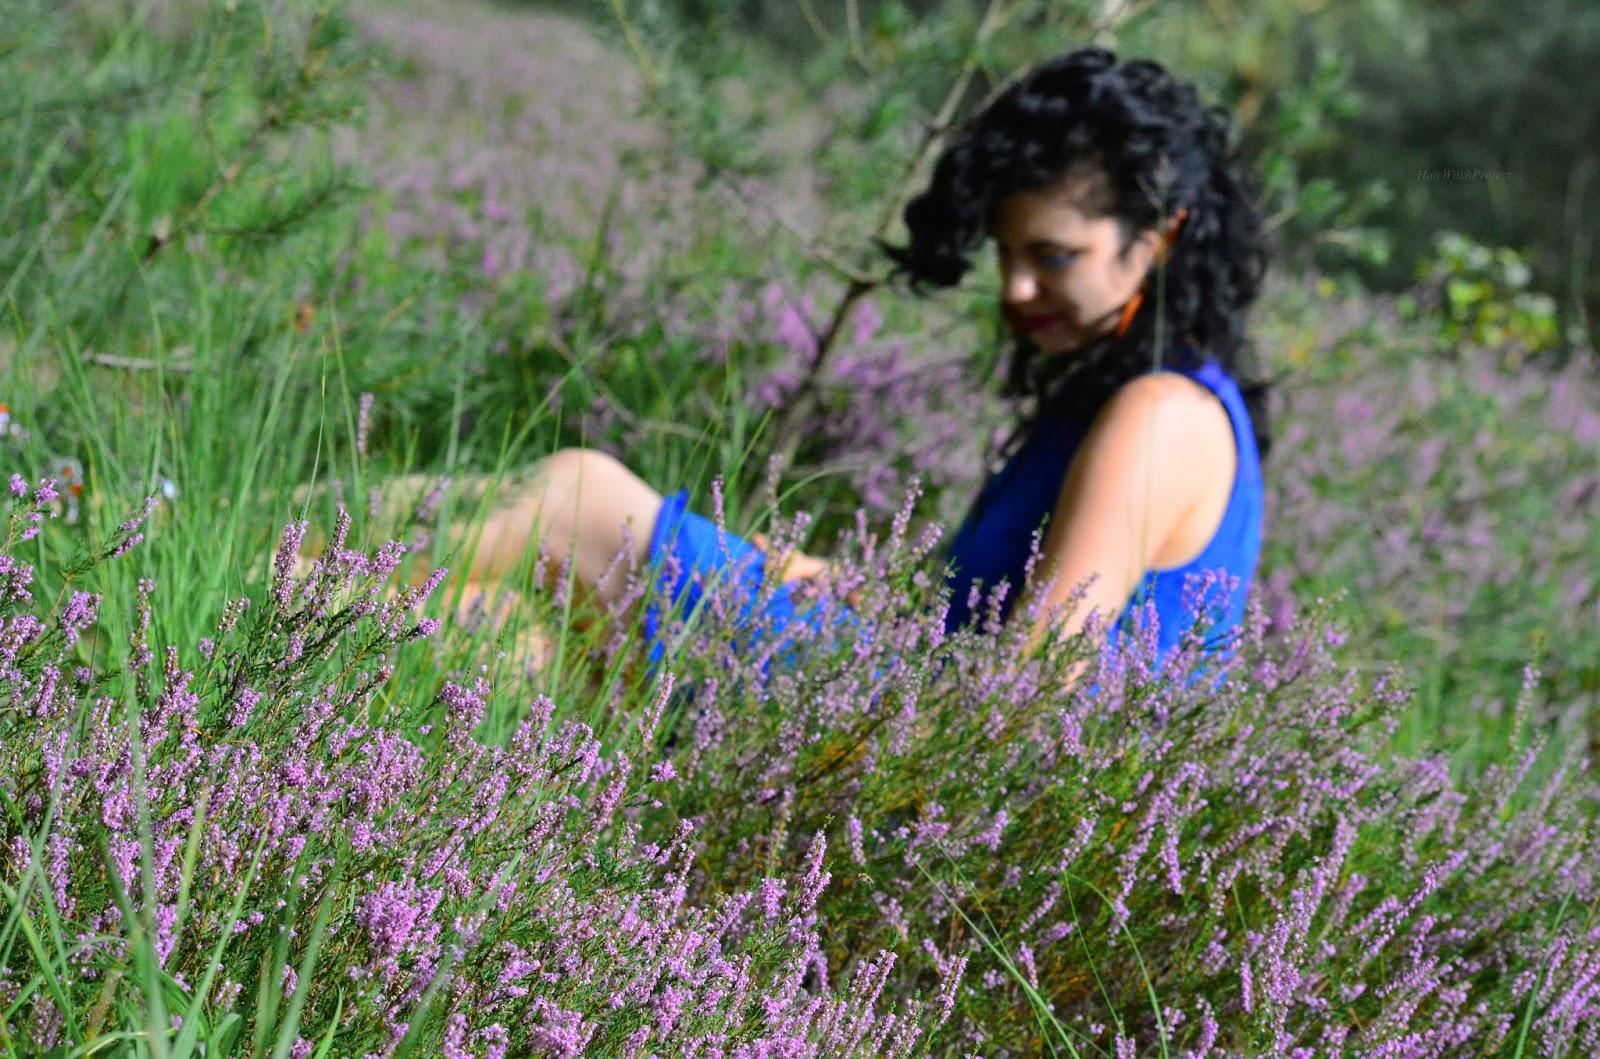 loki | włosy | kręcone | czarne | wrzosy | łąka | trawa